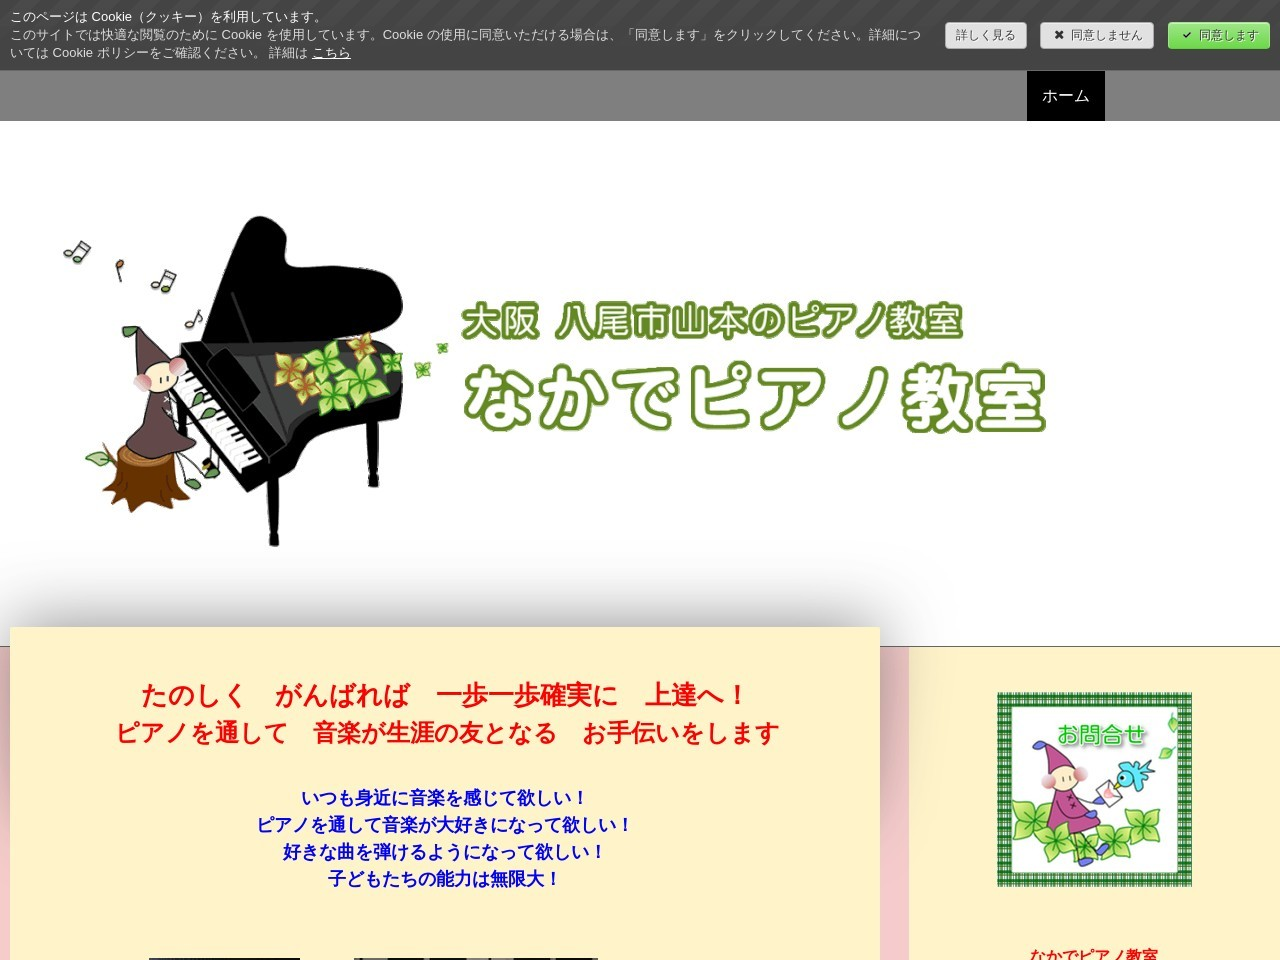 なかでピアノ教室のサムネイル